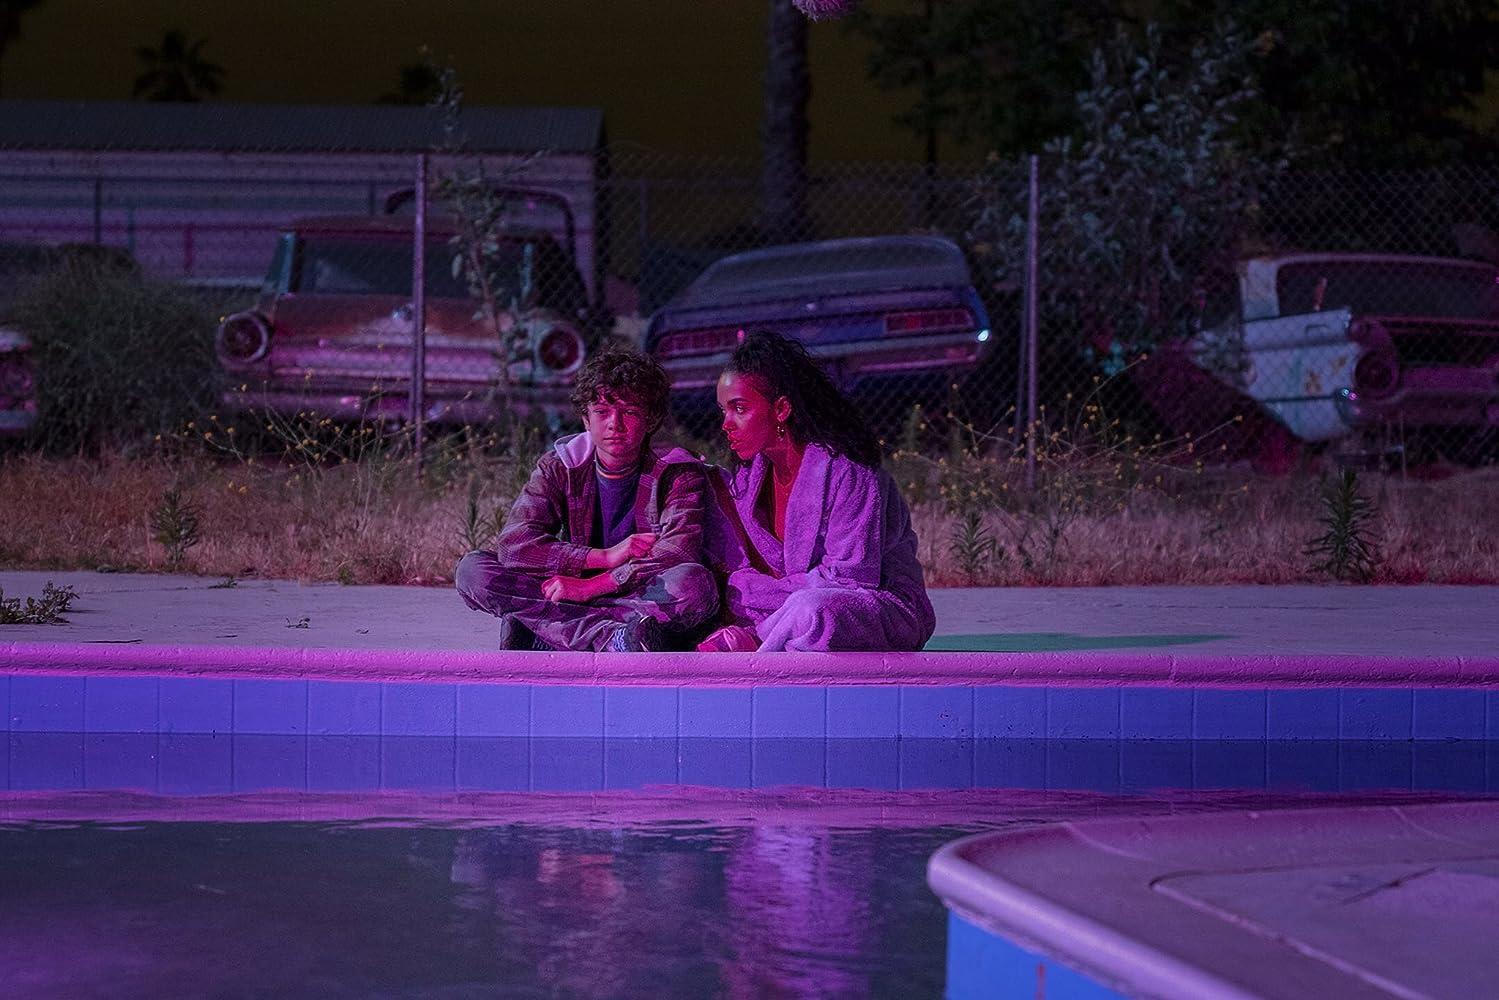 FKA Twigs and Noah Jupe in Honey Boy (2019)